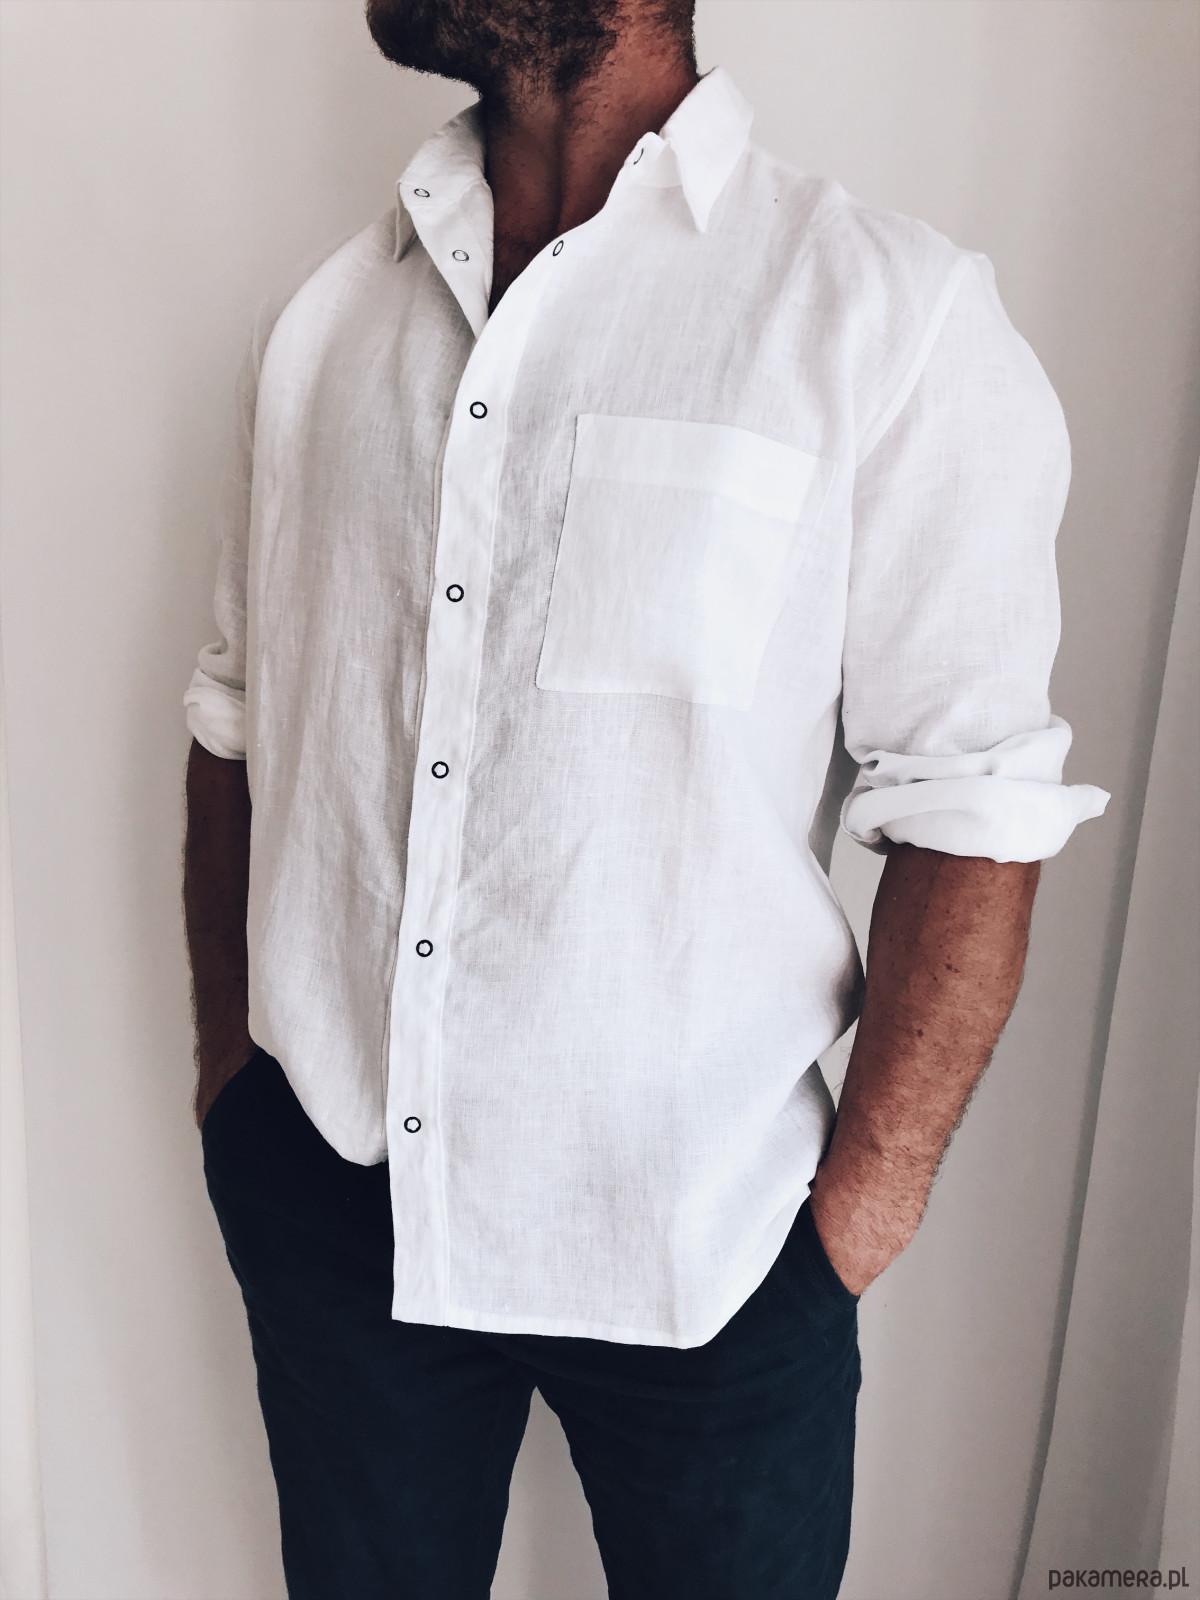 c055180f882cfa koszula męska biała - moda - koszule - Pakamera.pl